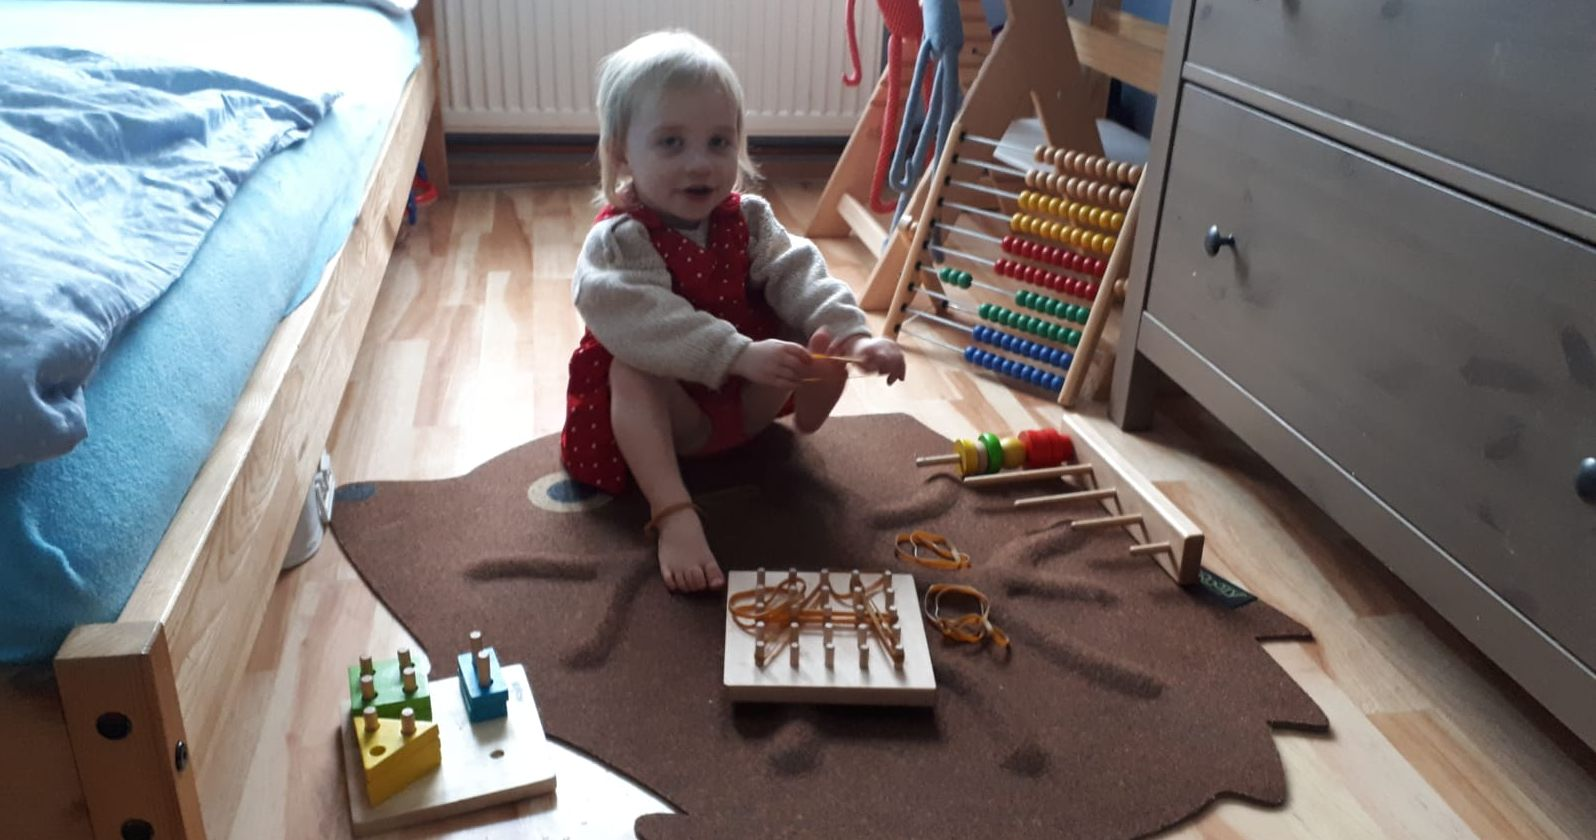 Montessori, fyzioterapie a všechno se vším souvisí